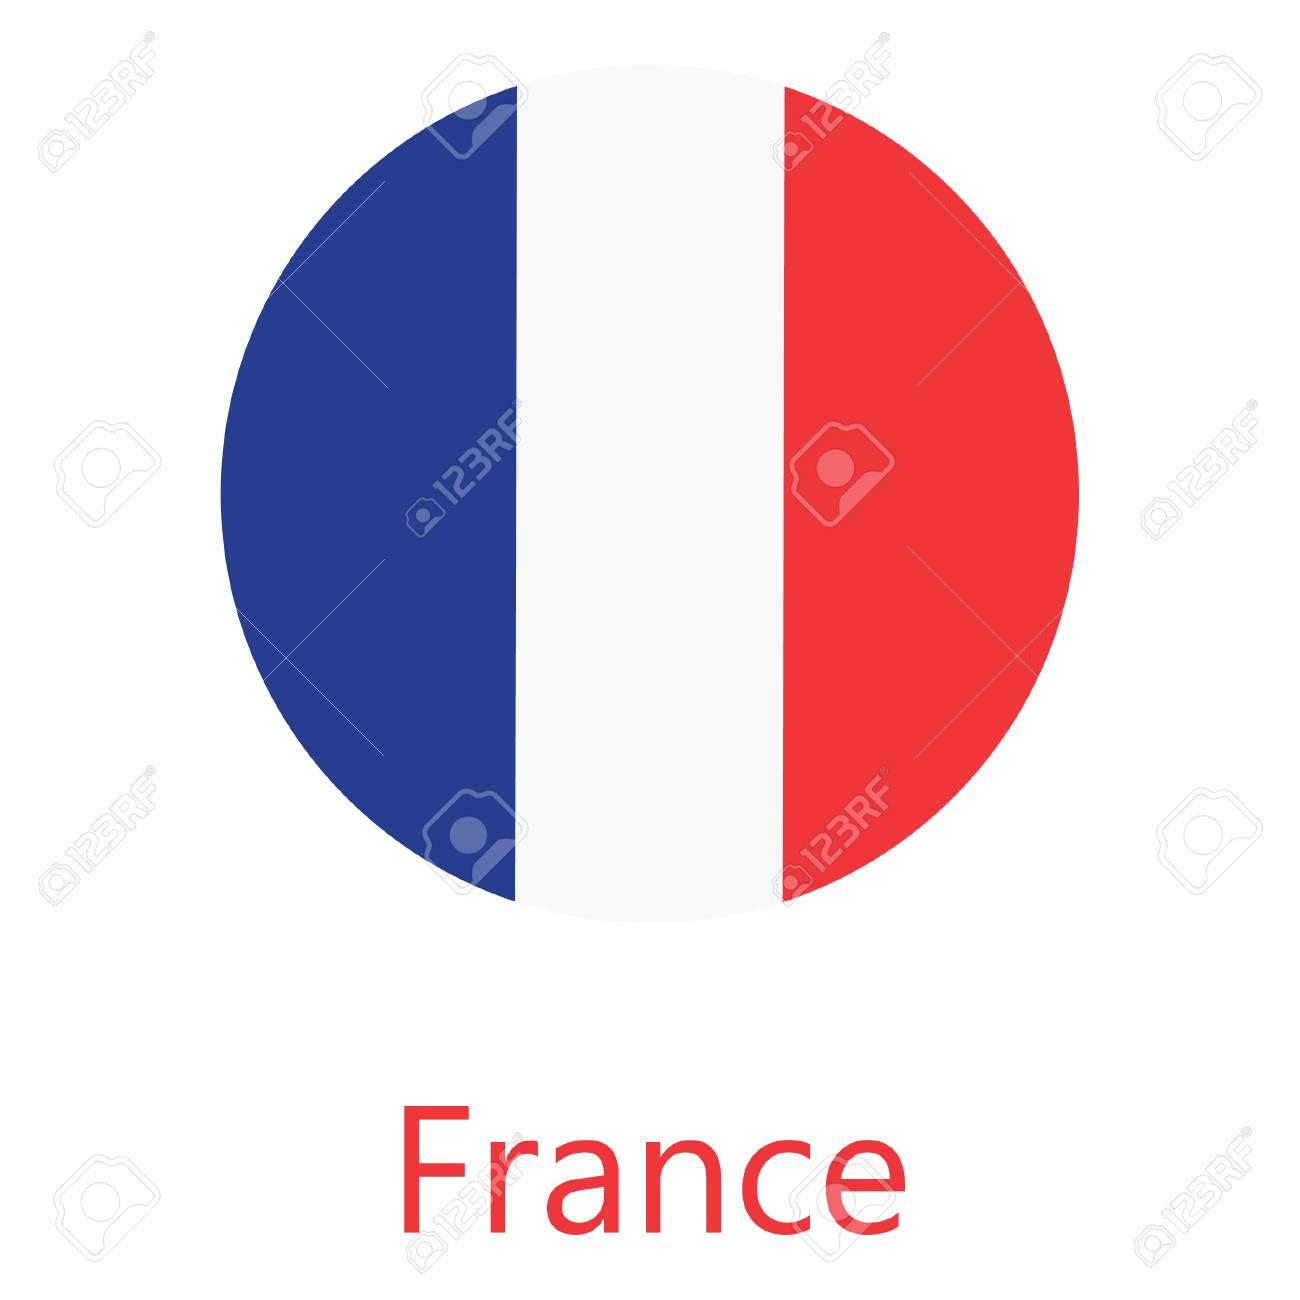 Drapeau Rond icône du drapeau rond de la france. clip art libres de droits